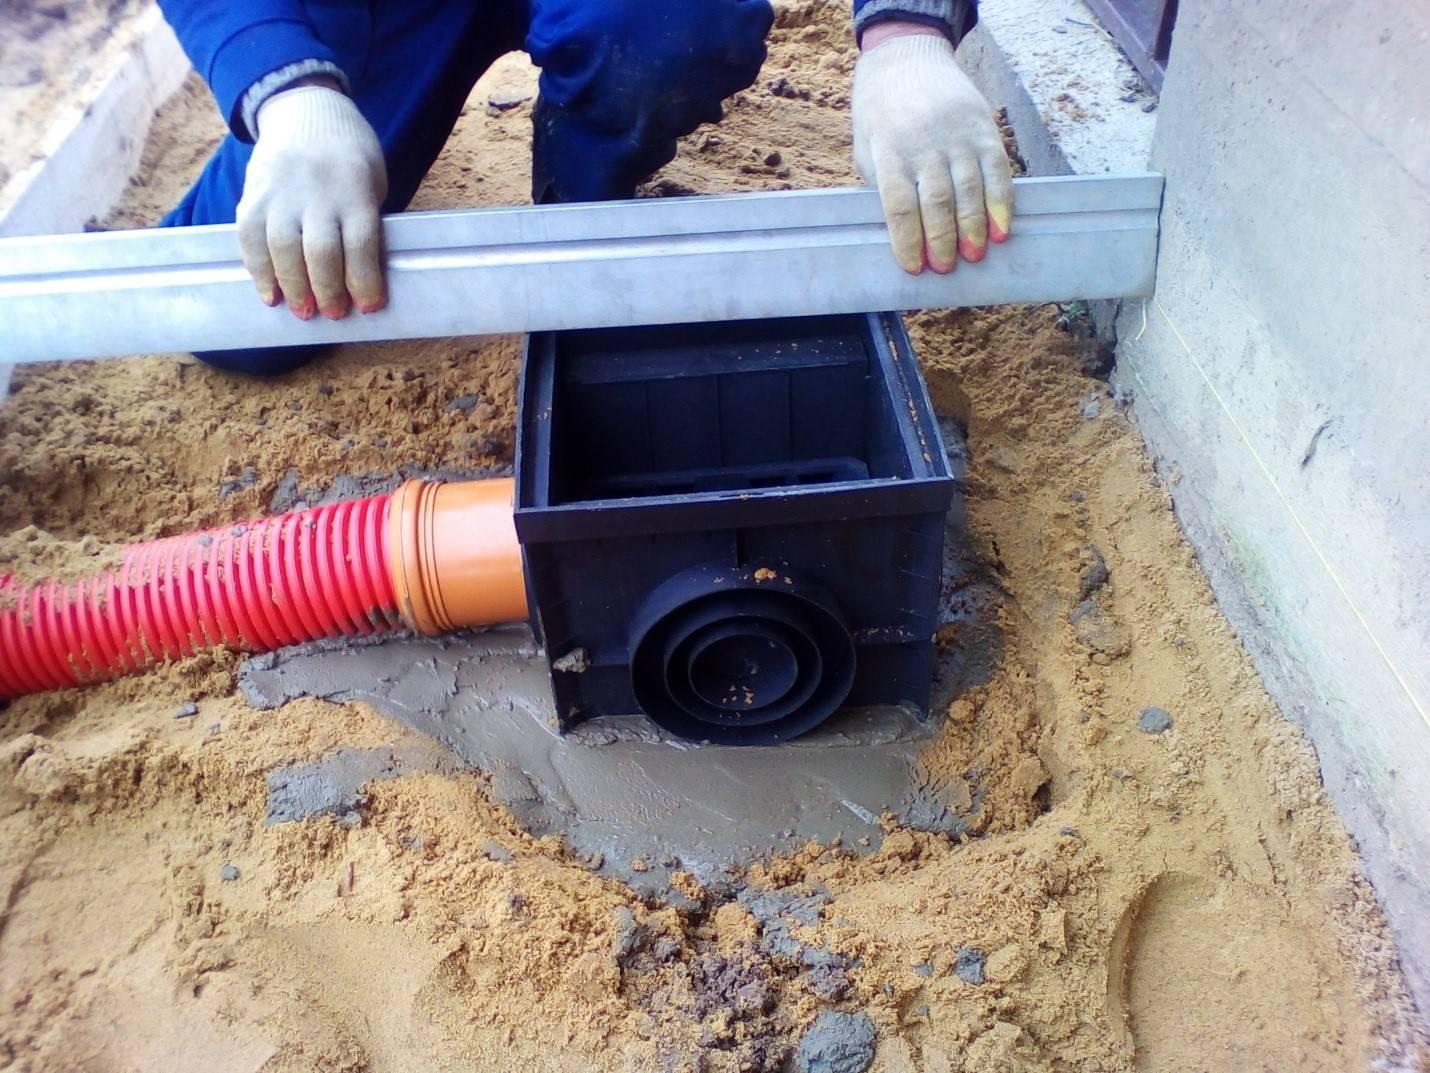 Укладка дренажной трубы: технология устройства, уклон при монтаже, как сделать правильно?